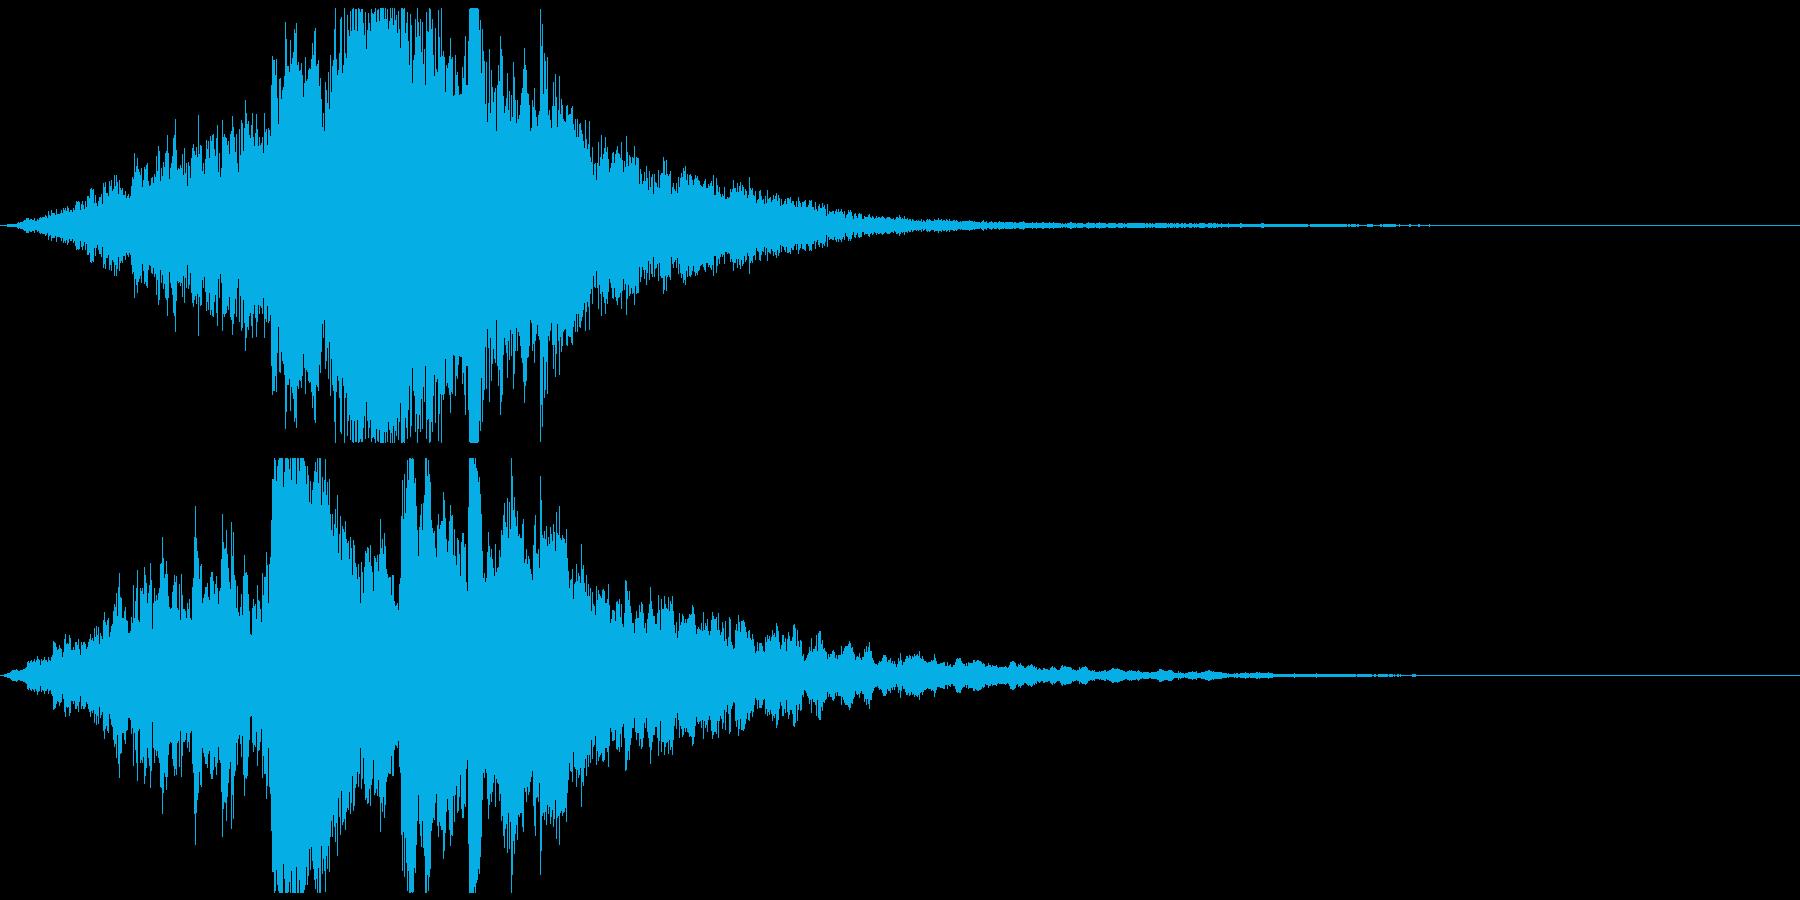 ゲーム・映像等 幻想的ピアノサウンドロゴの再生済みの波形